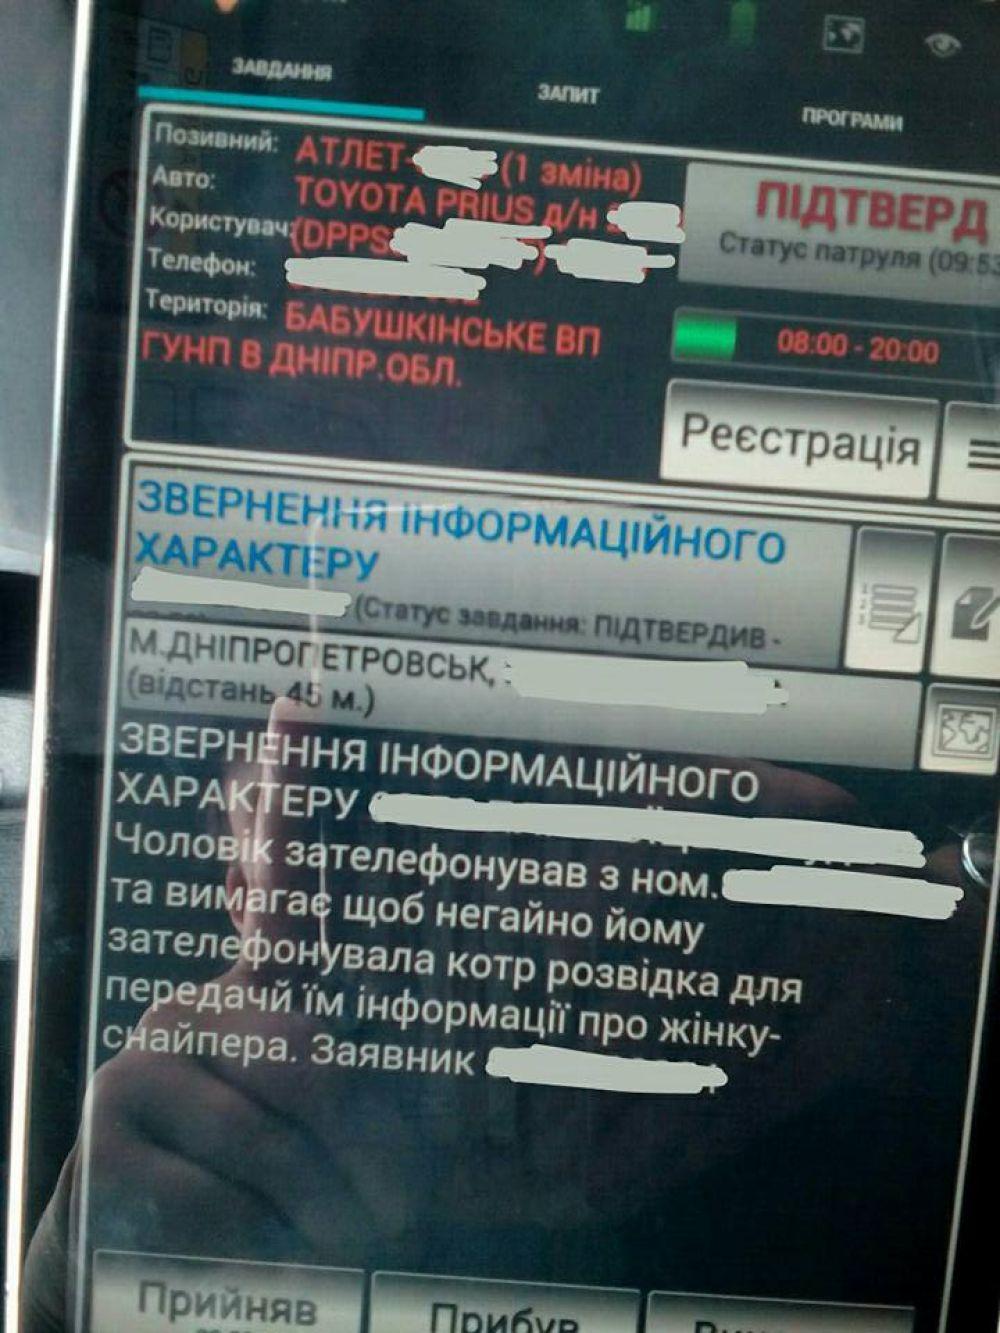 У контр-разведки есть конечно же номера всех жителей Украины. Почему только тот, кто заявлял, не оставил свой номер? Вдруг бы повезло